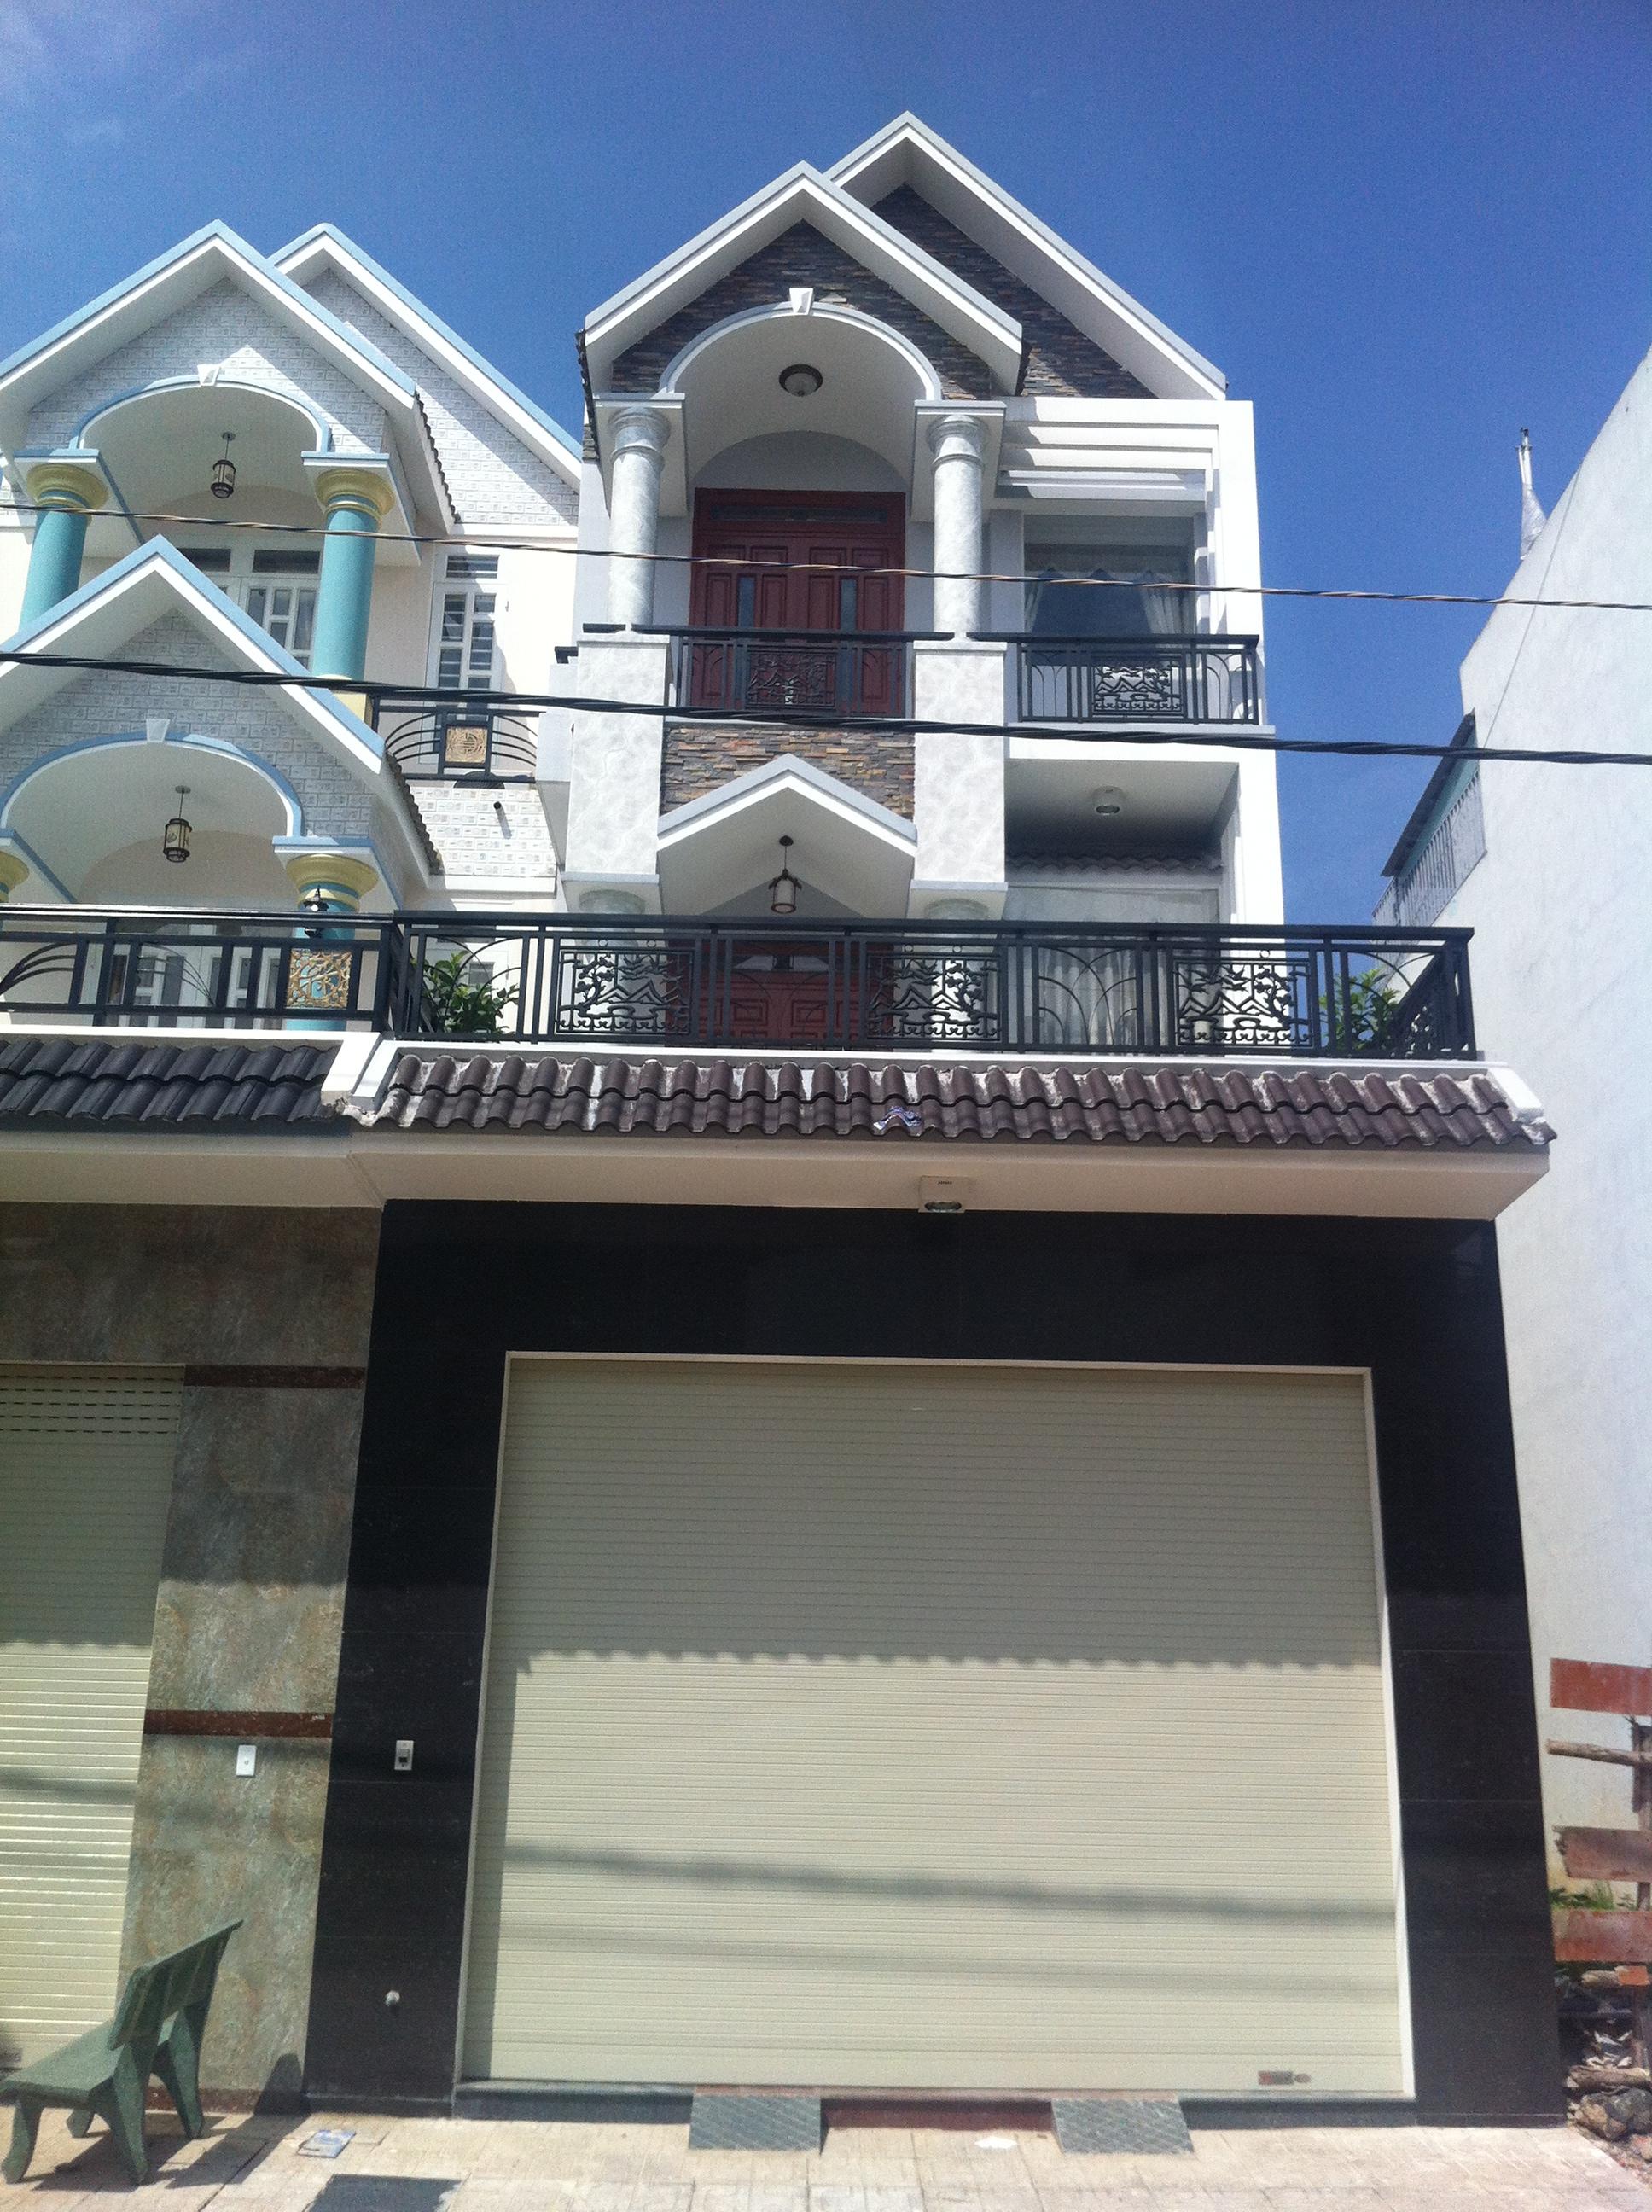 Phía trước căn nhà mặt tiền đẹp, kiểu nhà hiện đại ở thị xã dĩ an